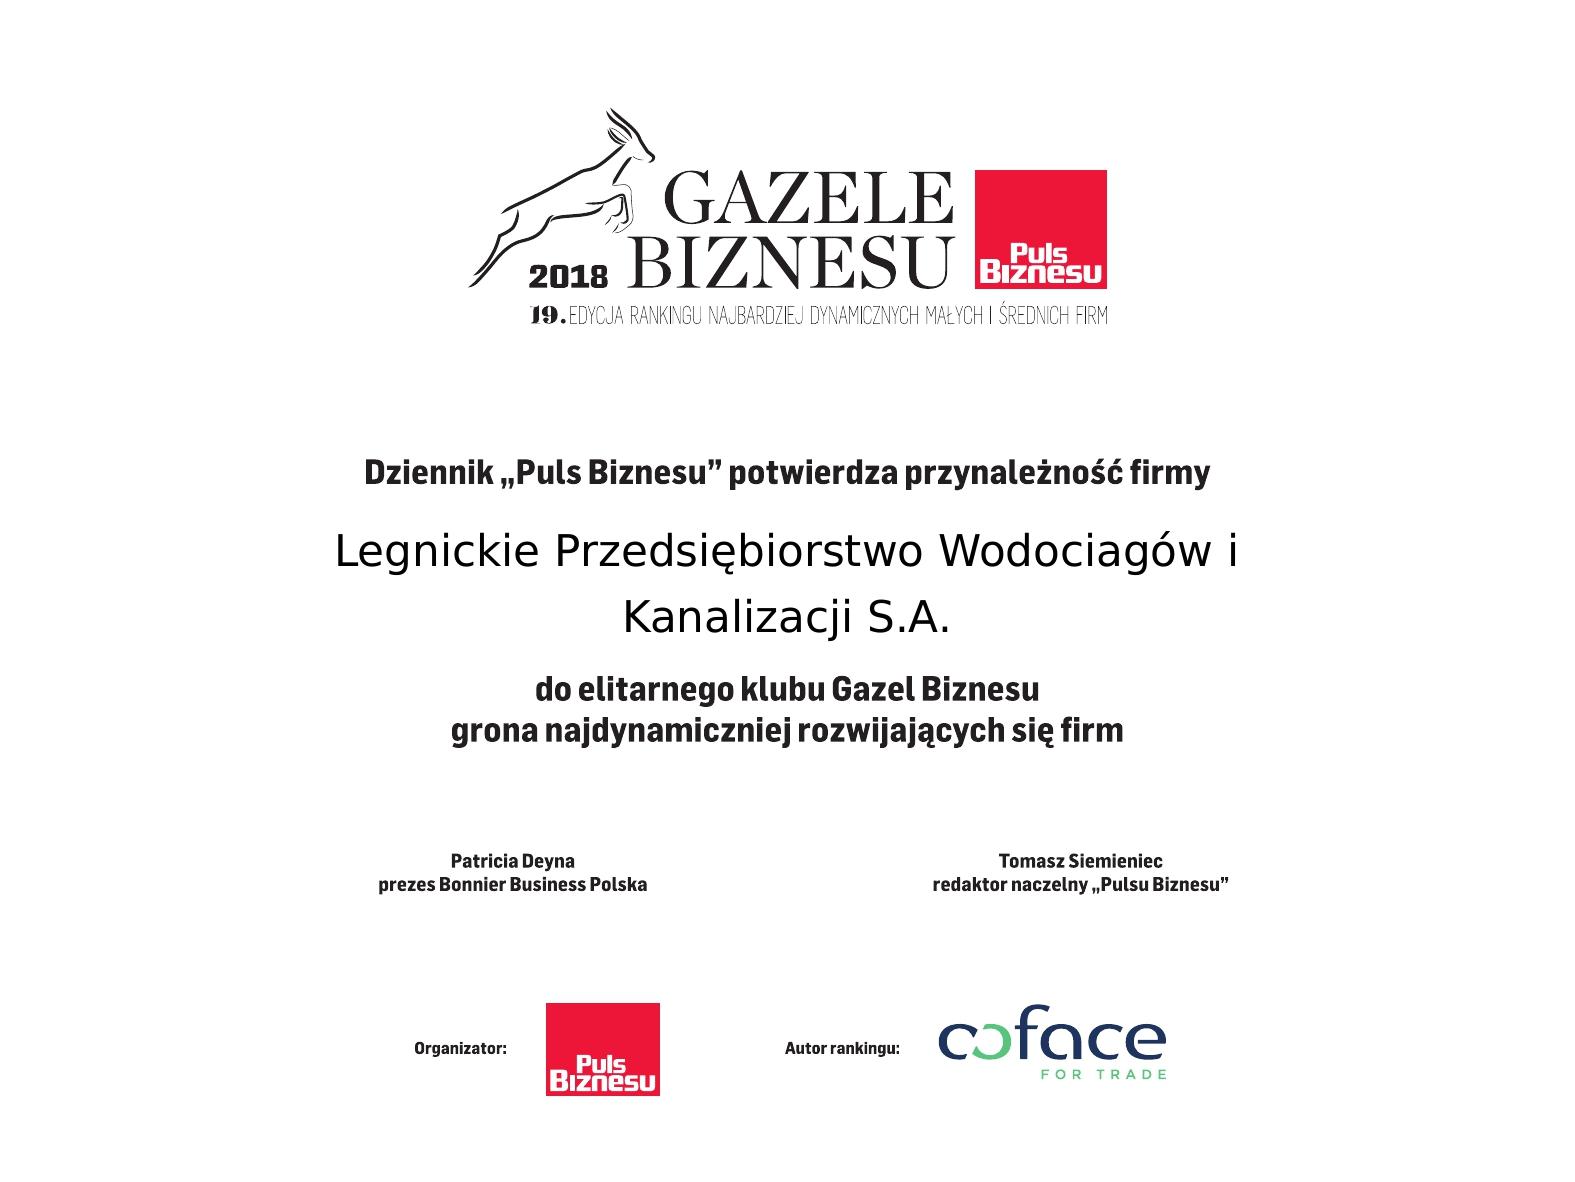 Dyplom Gazeli Biznesu 2018